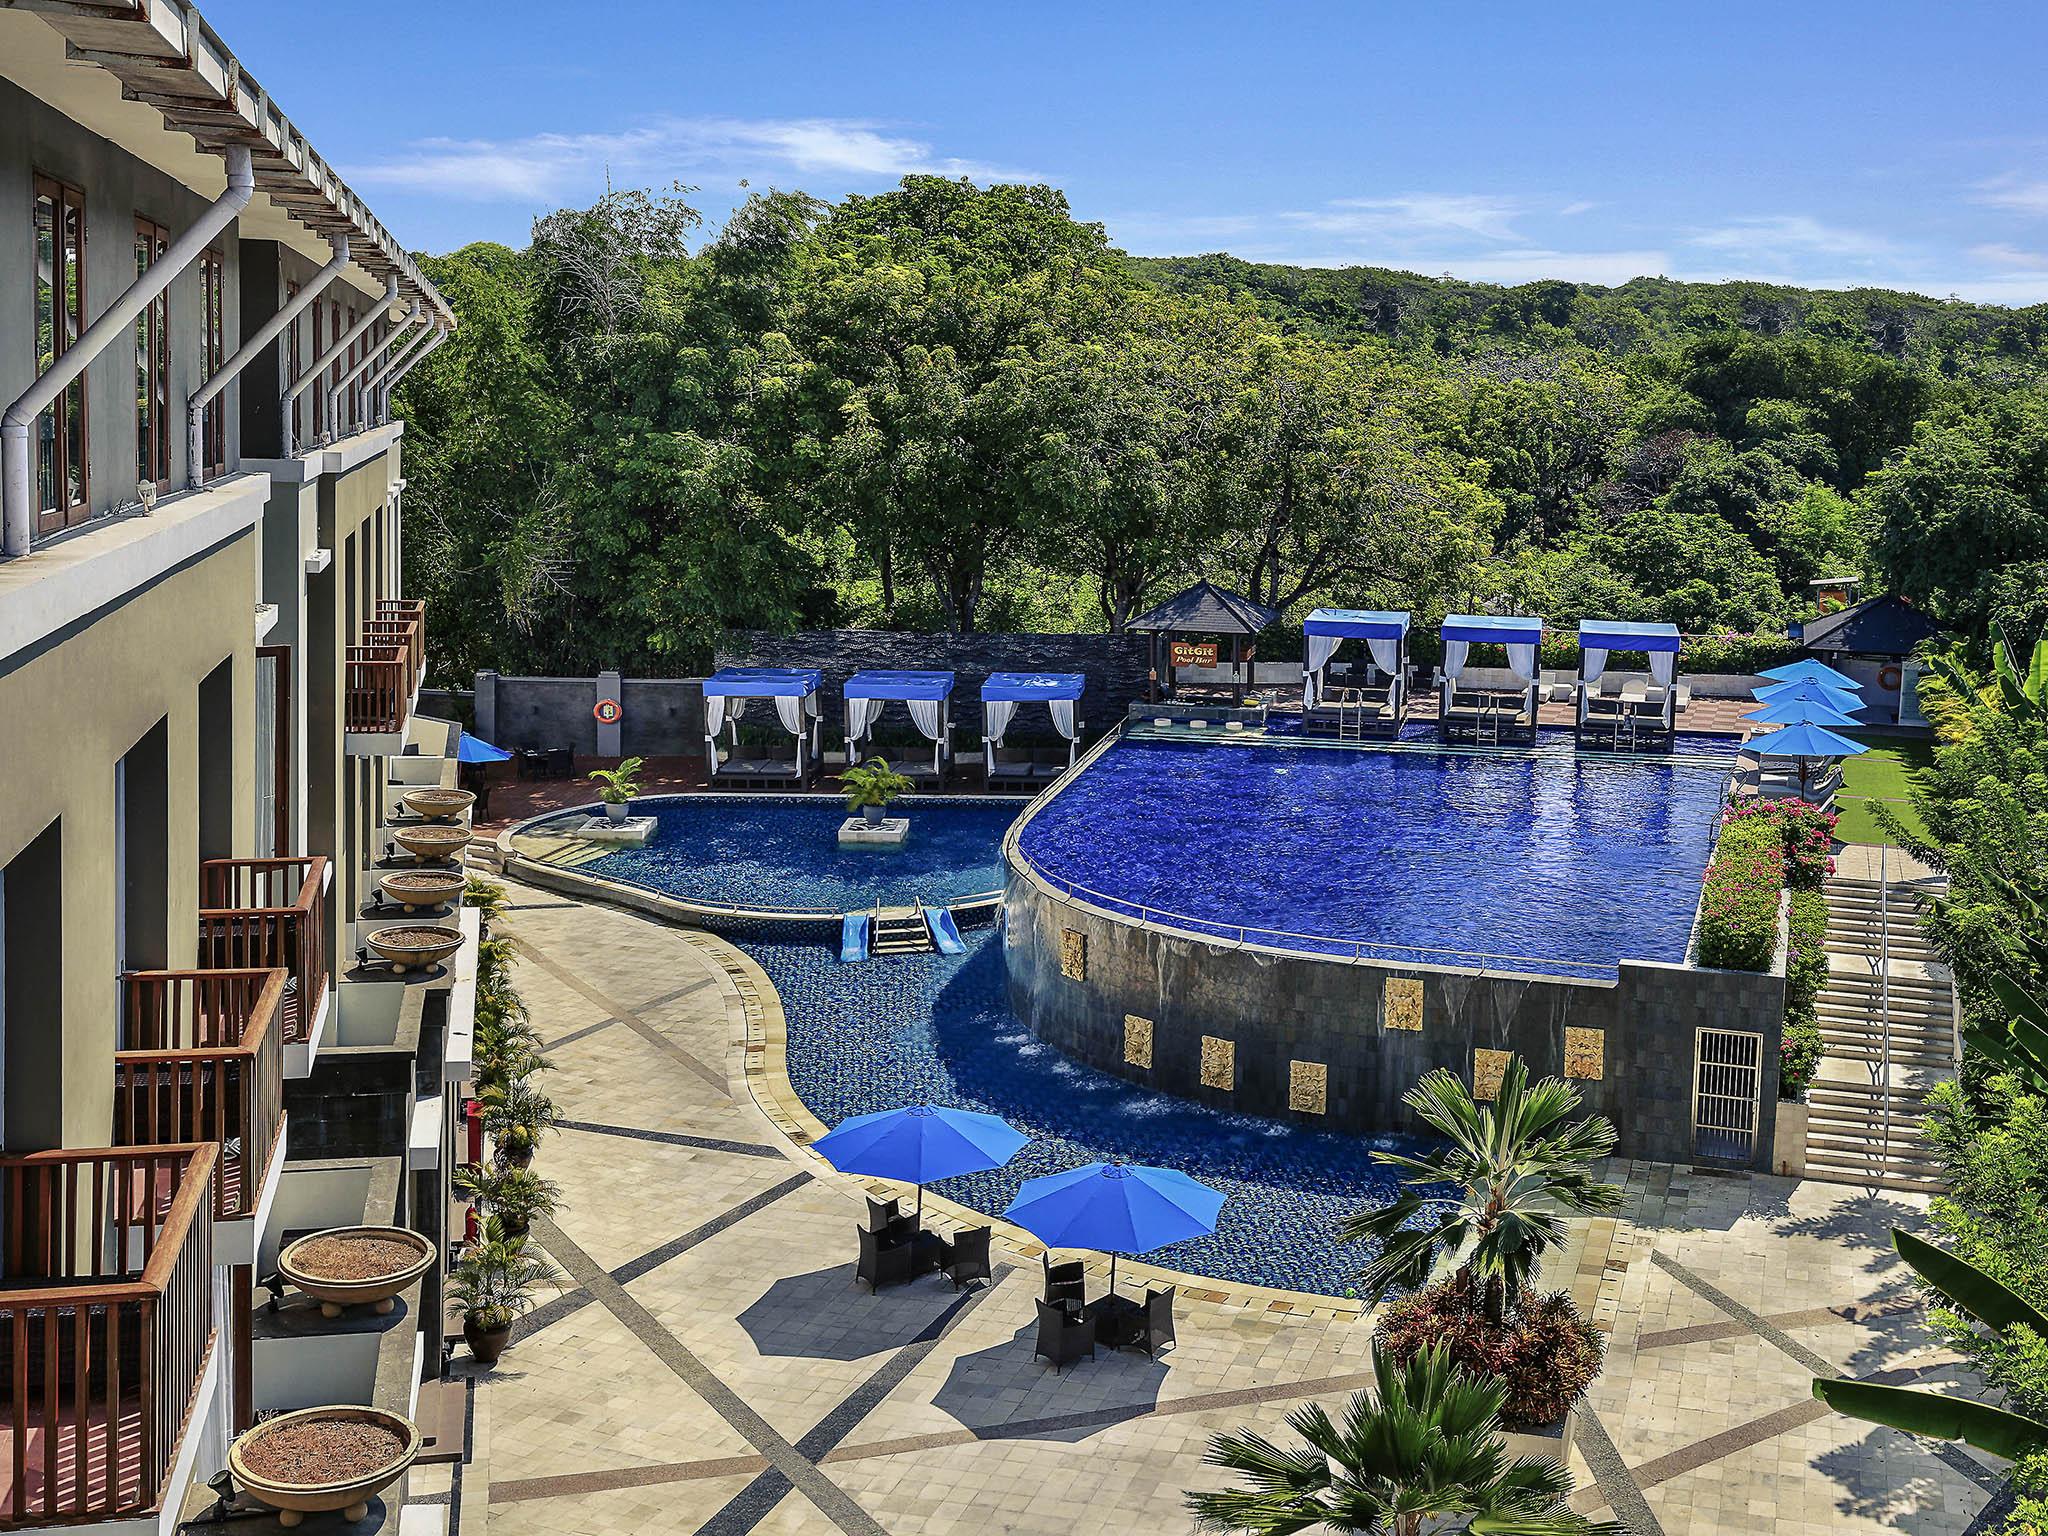 โรงแรม – เมอร์เคียว บาหลี นูซา ดัว